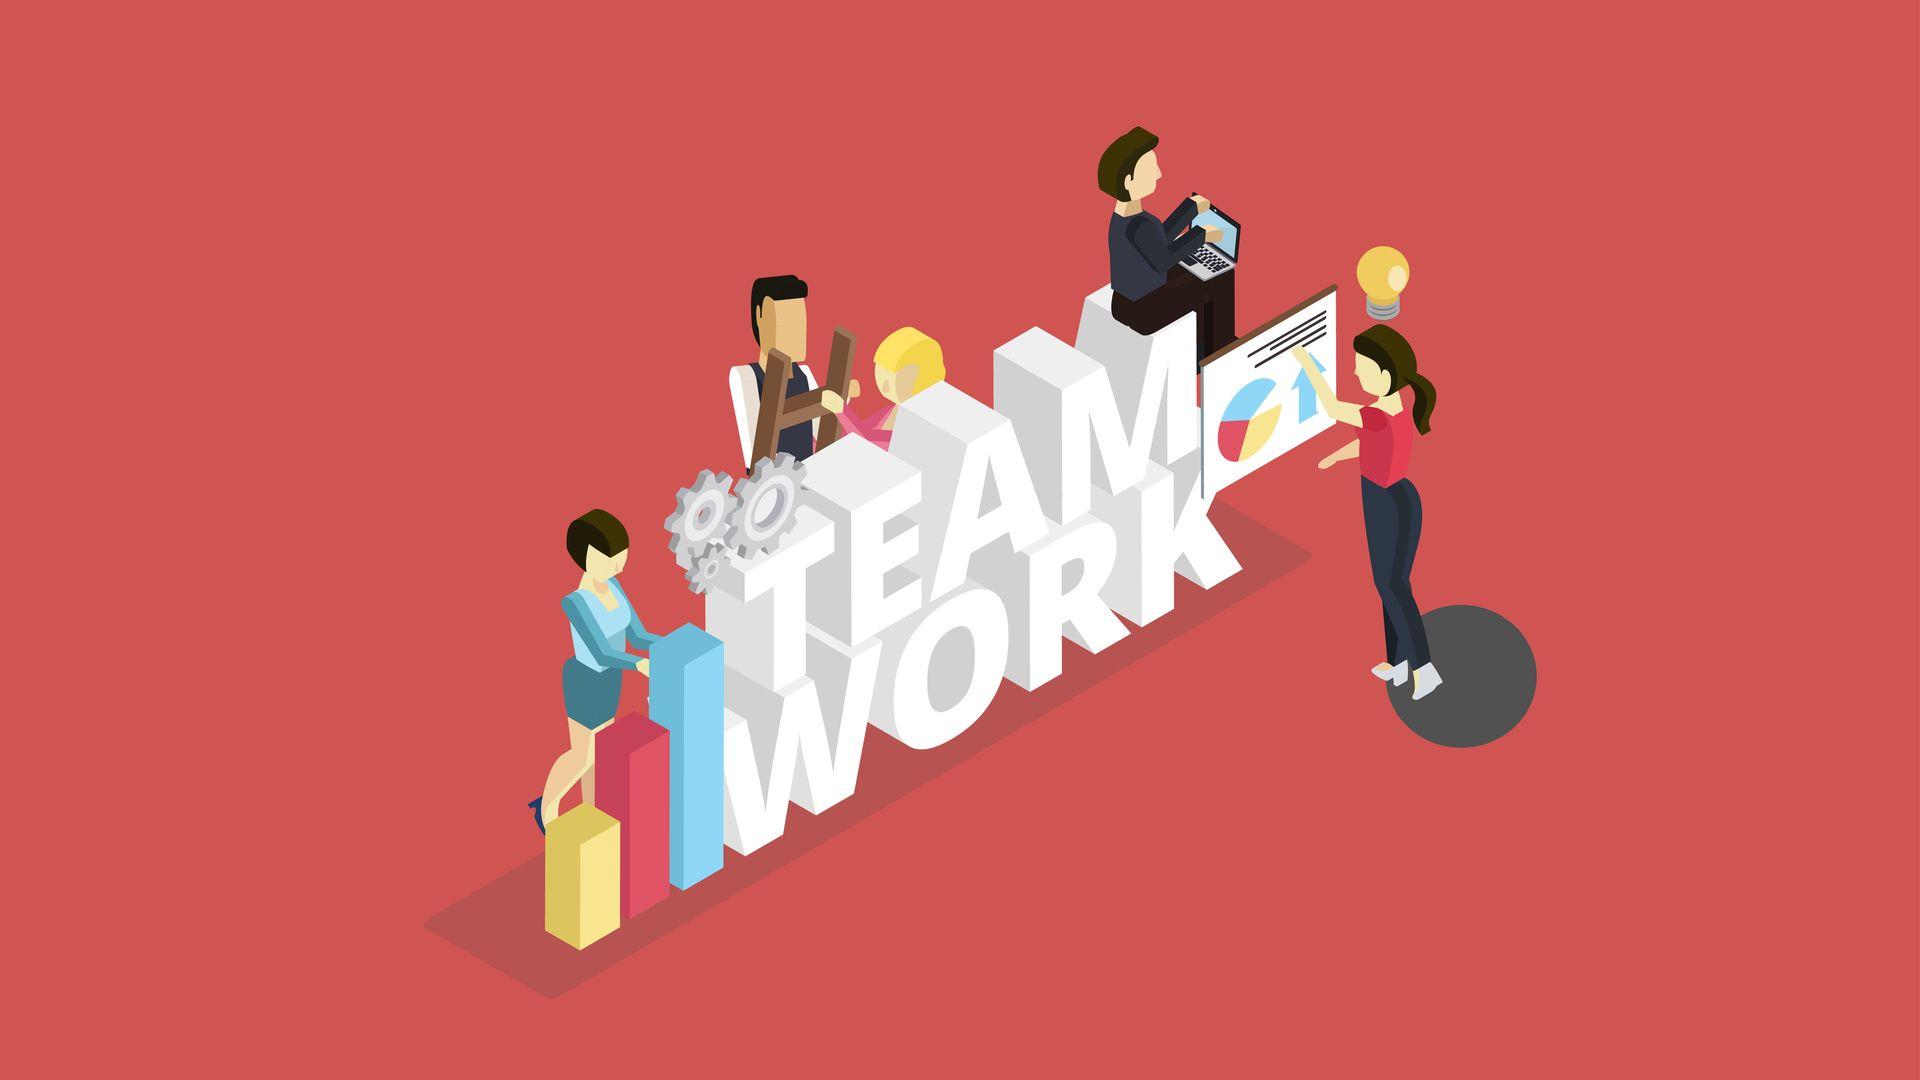 Làm thế nào để phát huy sức mạnh của làm việc nhóm?